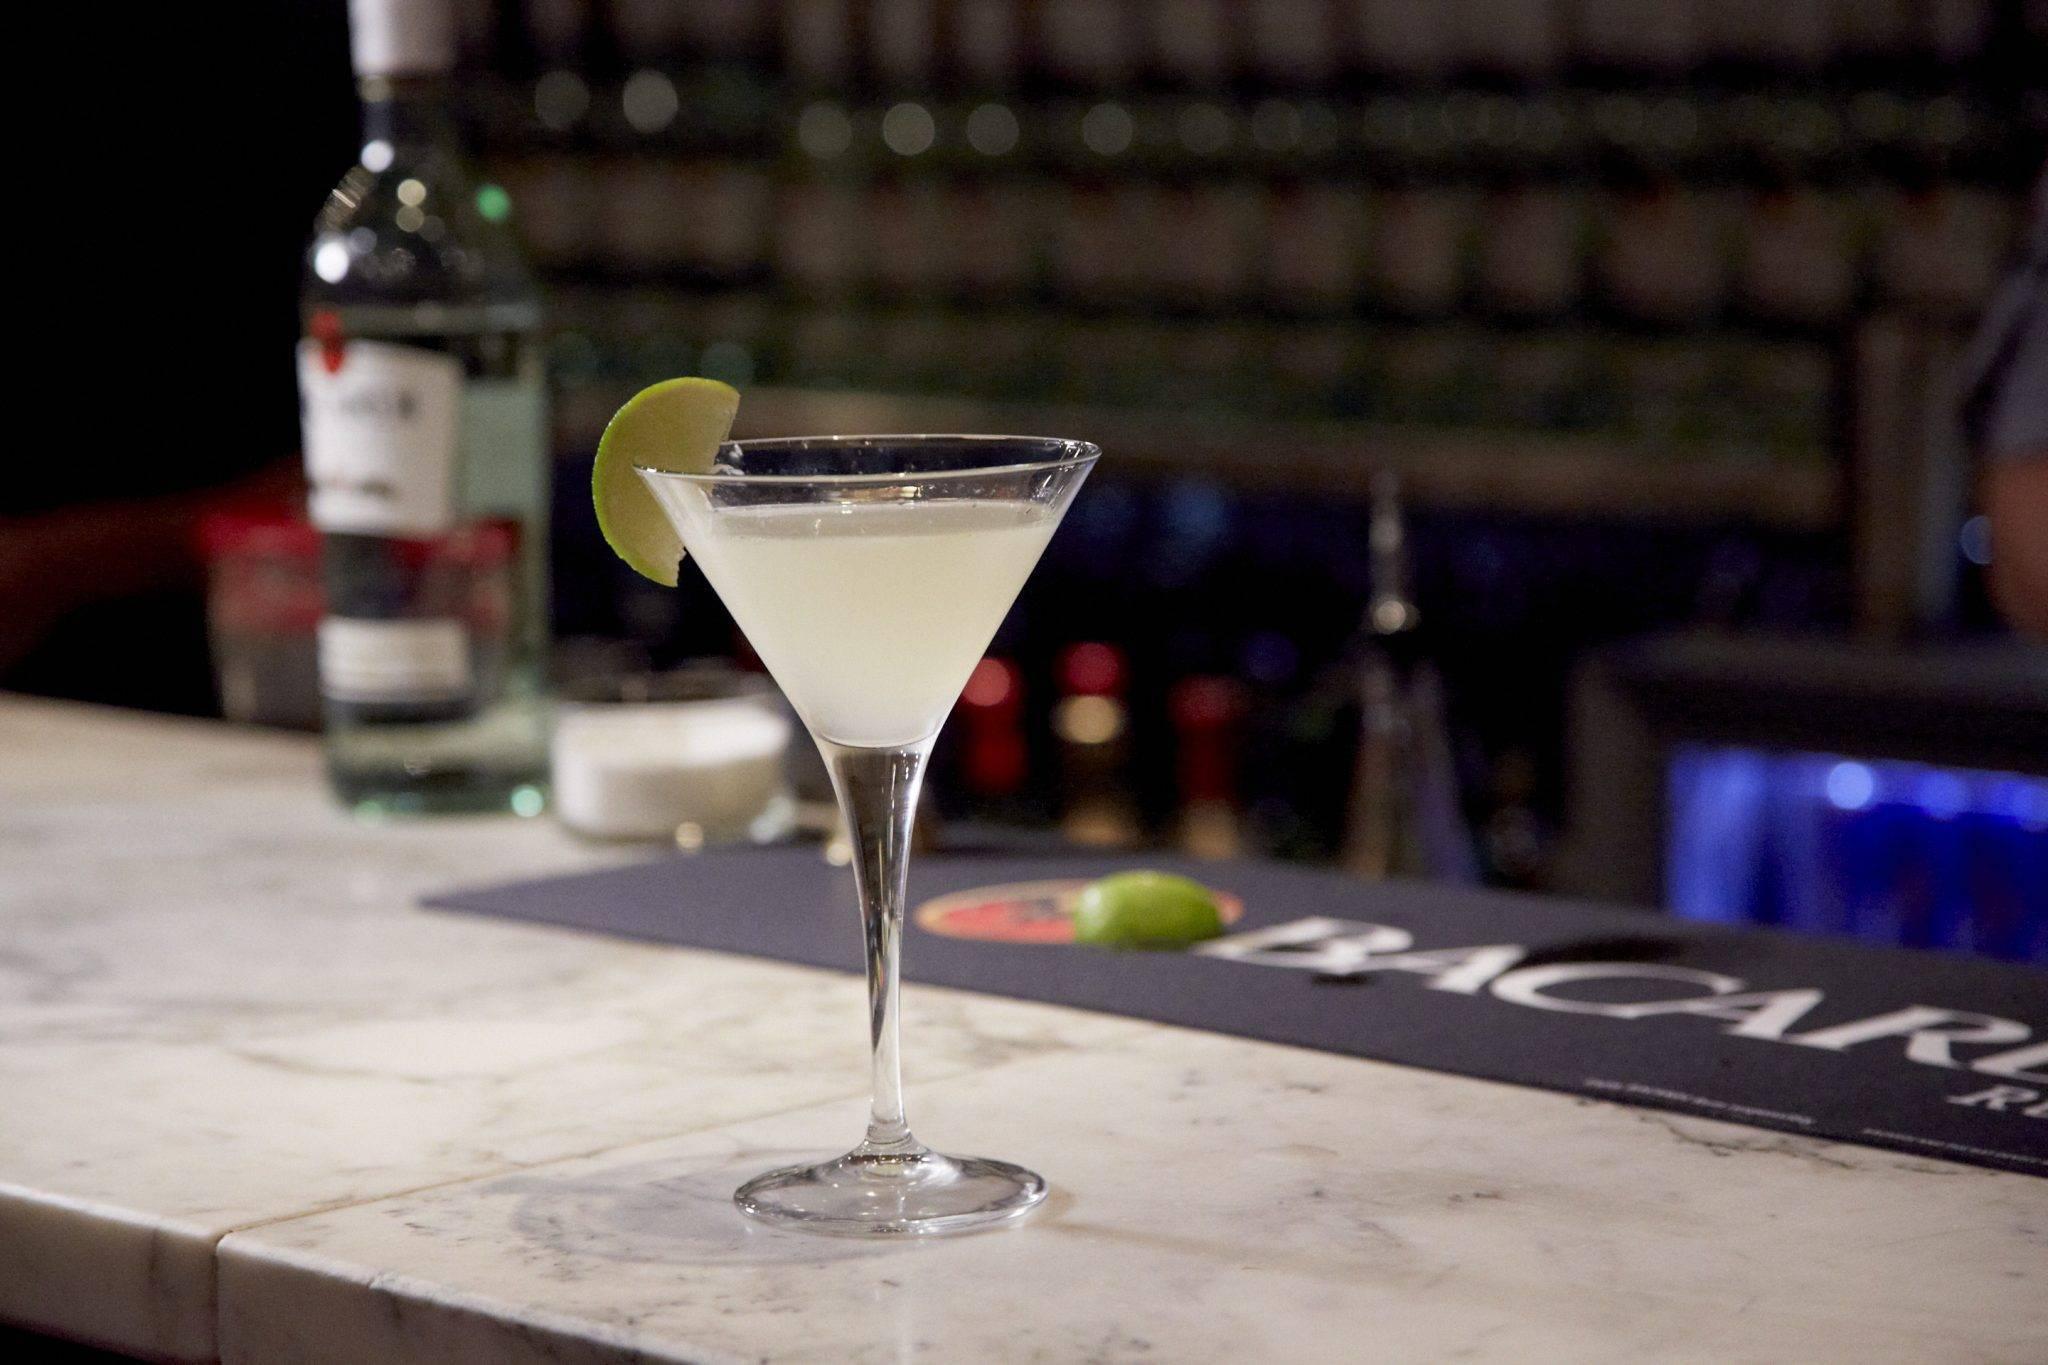 Состав и рецепт коктейля дайкири